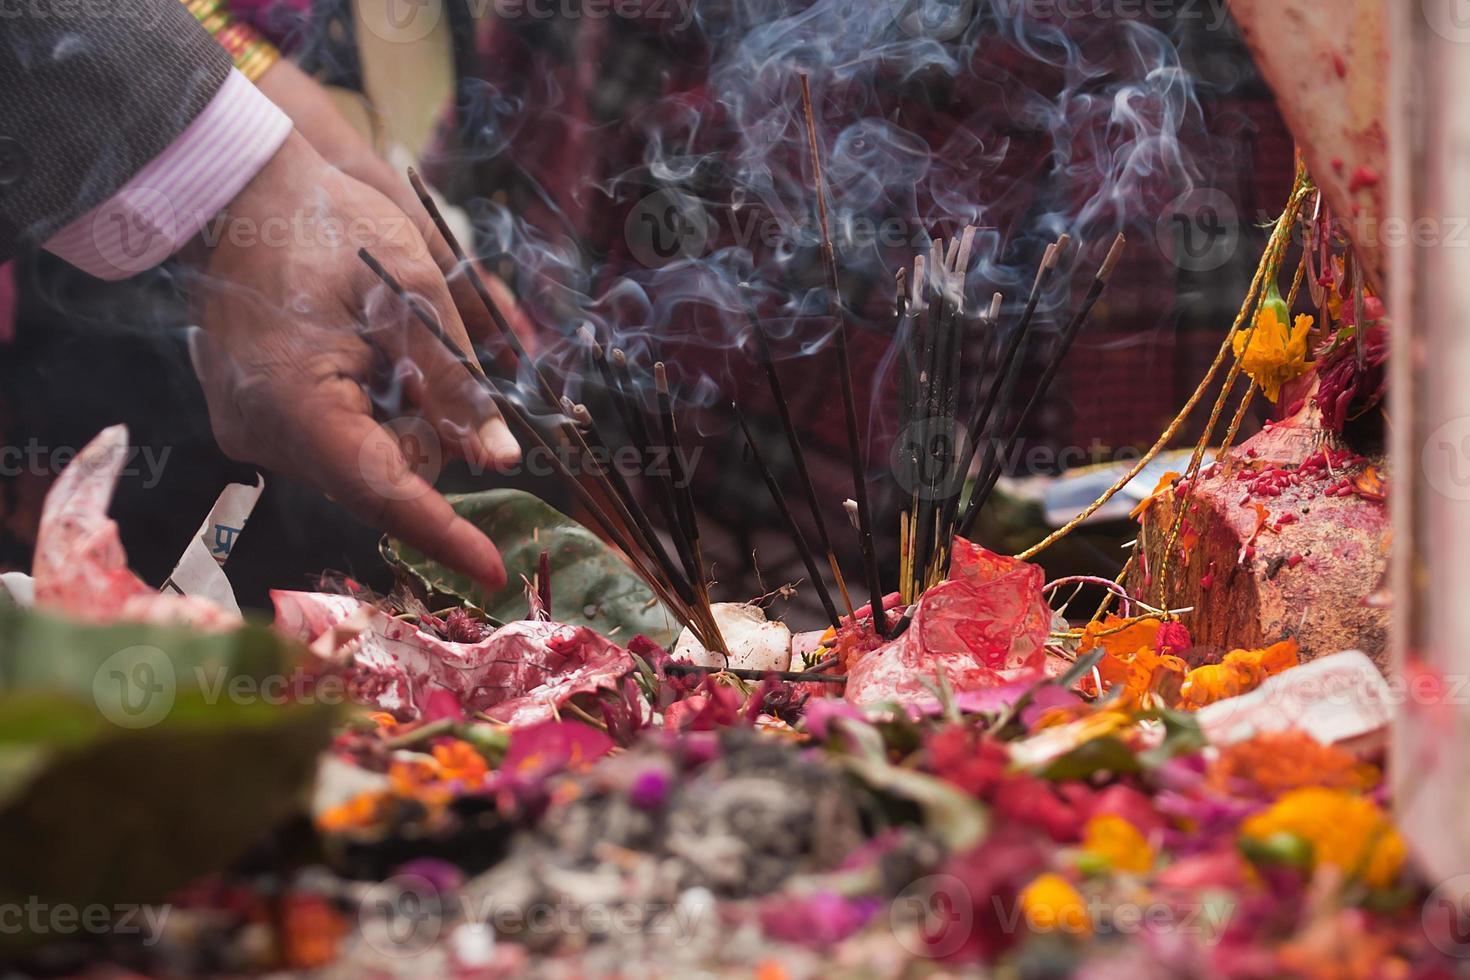 offrendo nel tempio induismo in Nepal foto